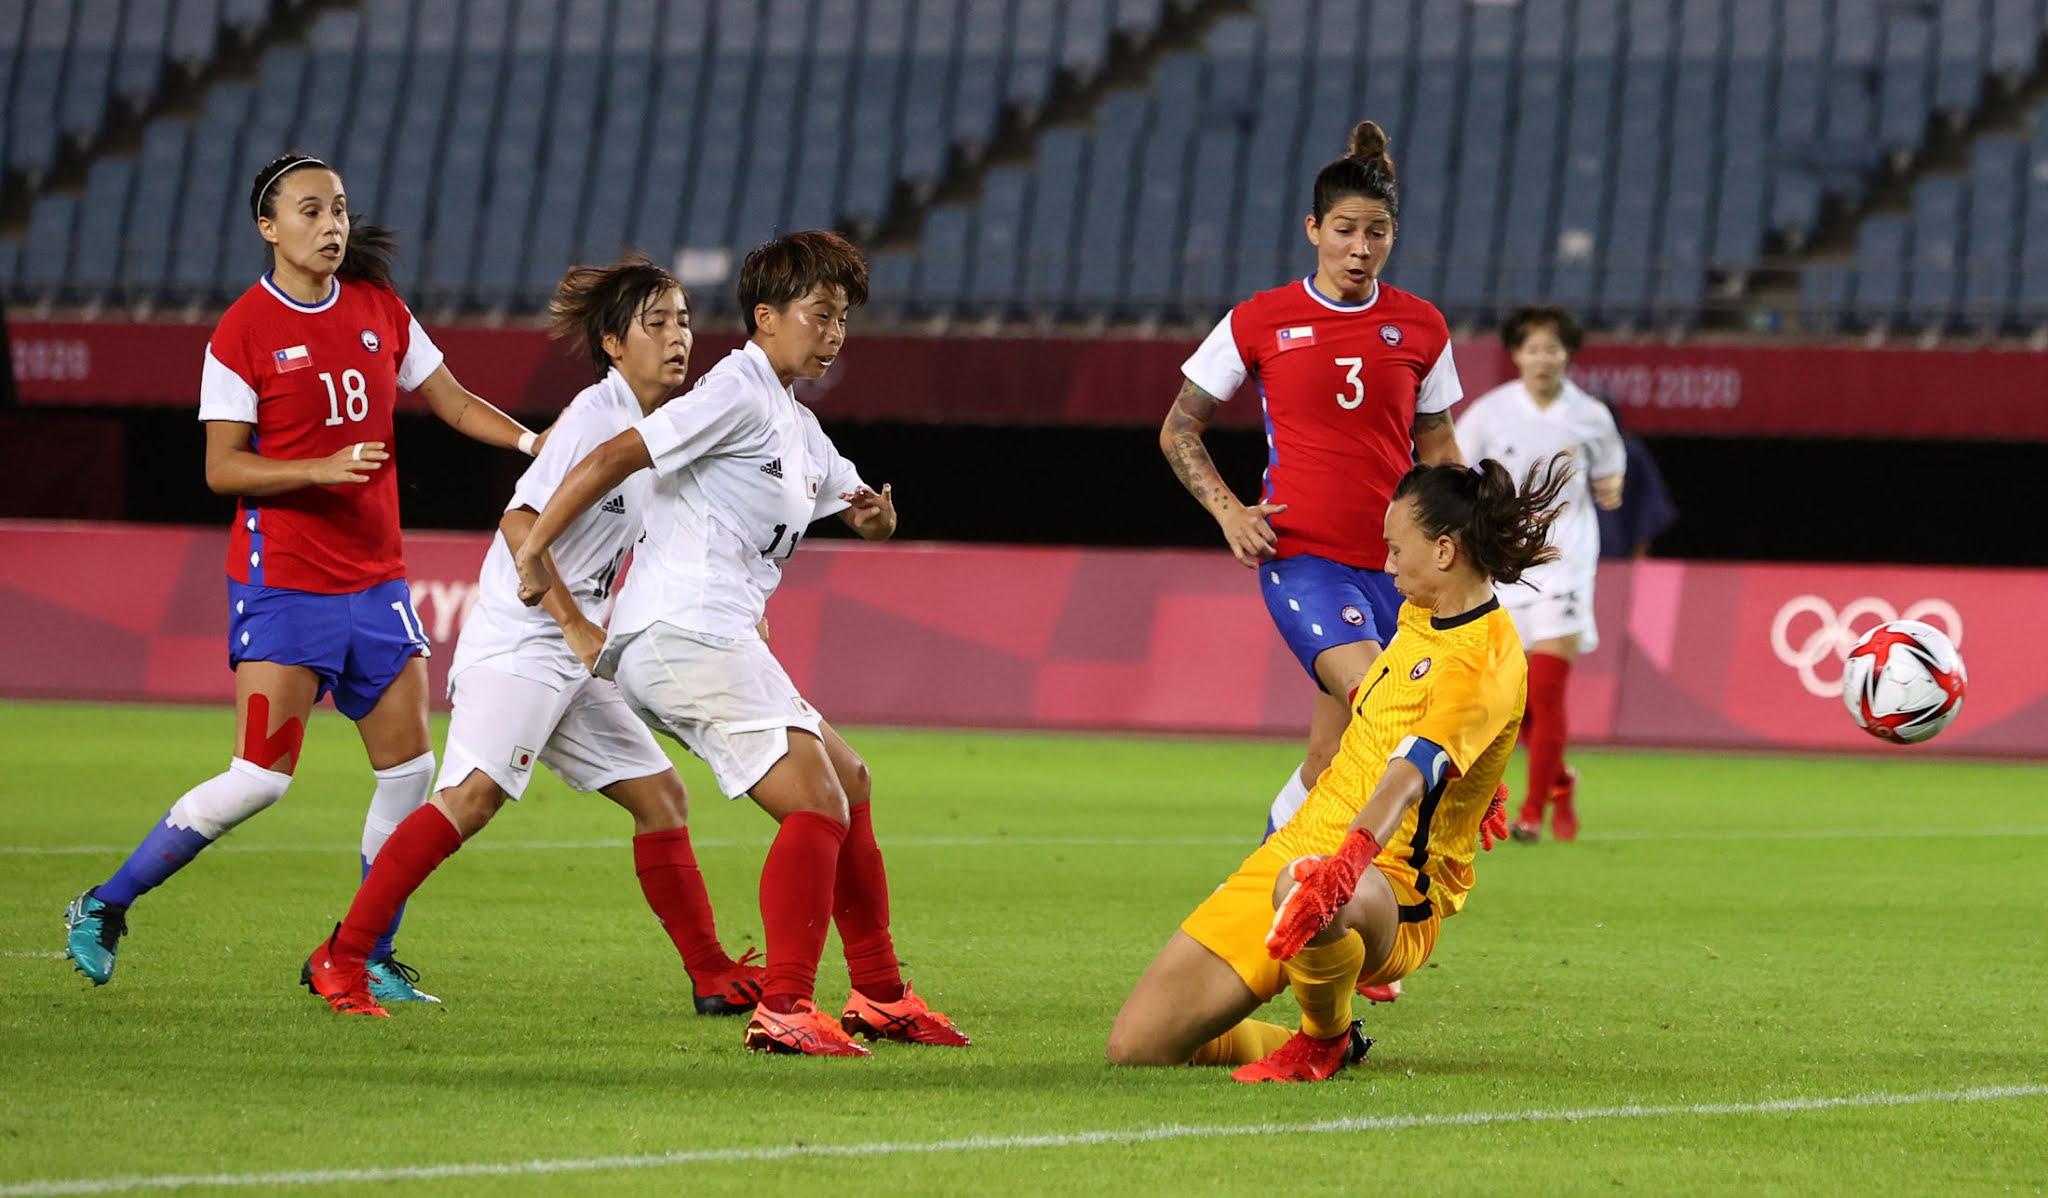 Chile y Japón en Juegos Olímpicos de Tokio 2020, 27 de julio de 2021